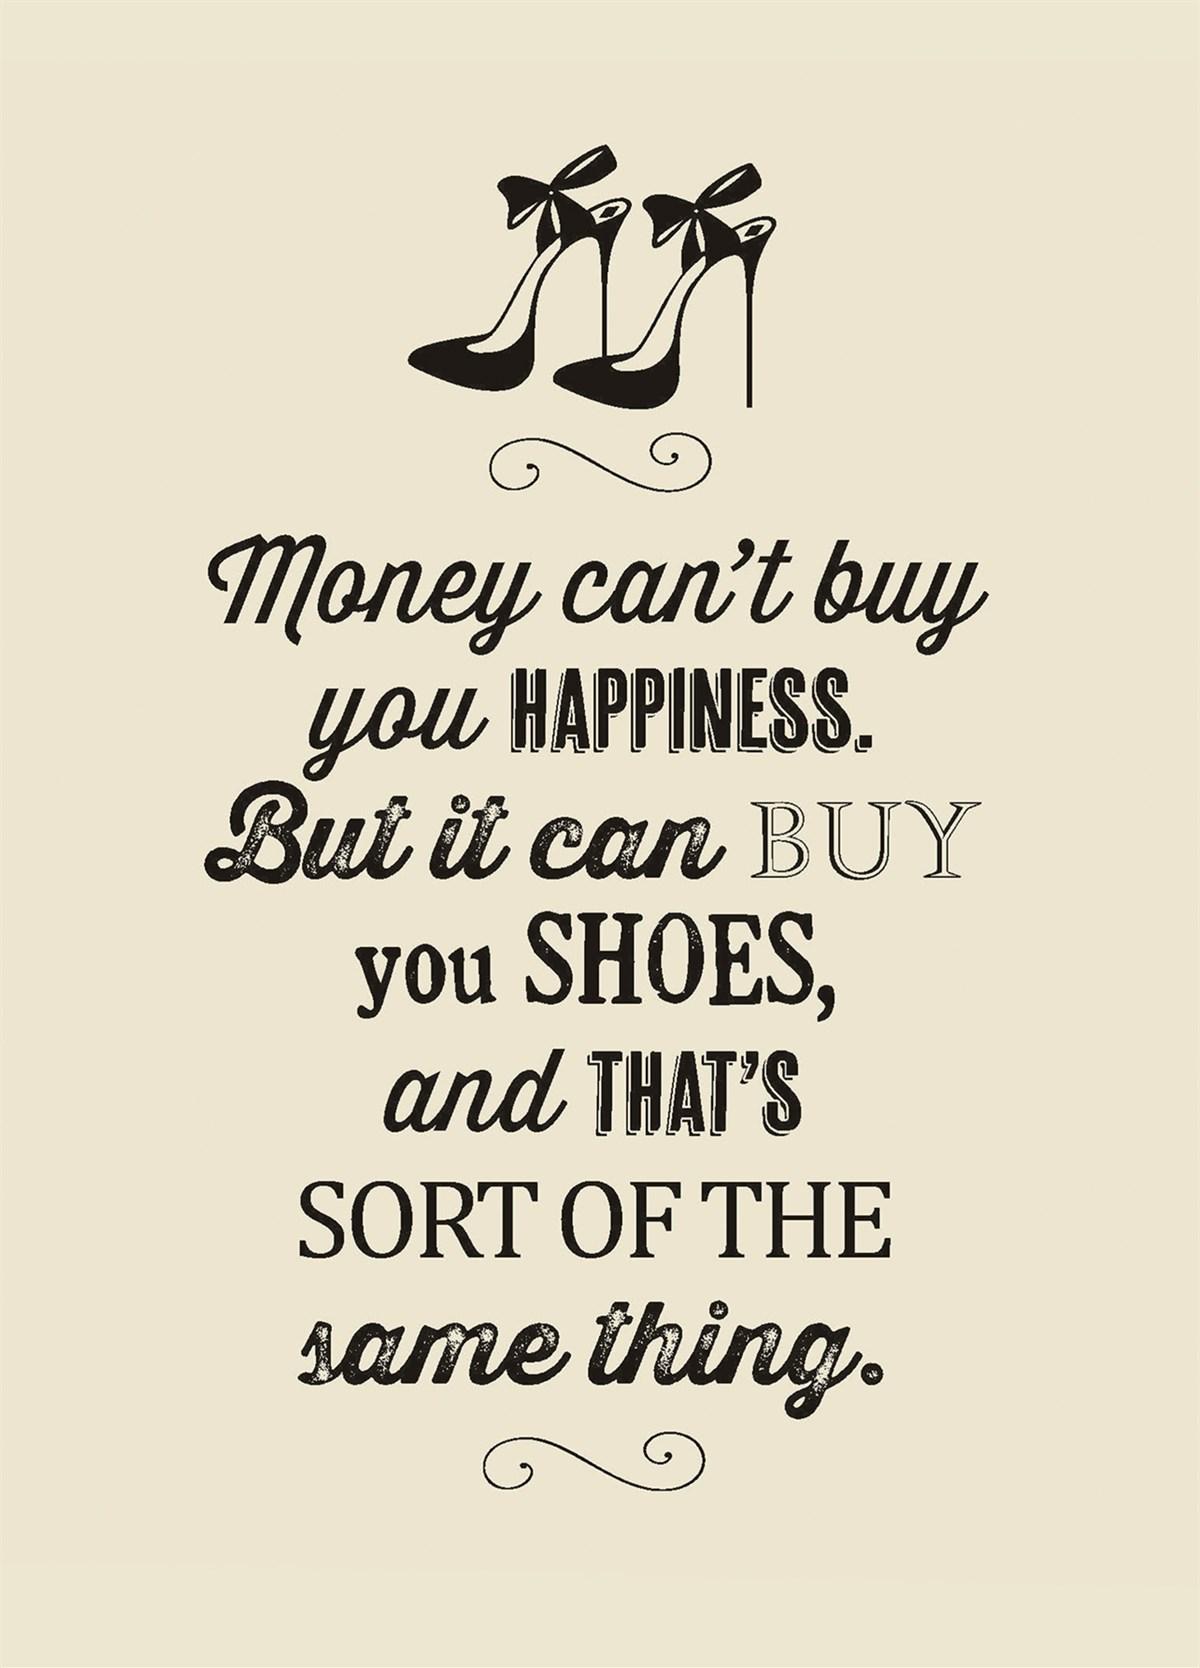 how do you buy money